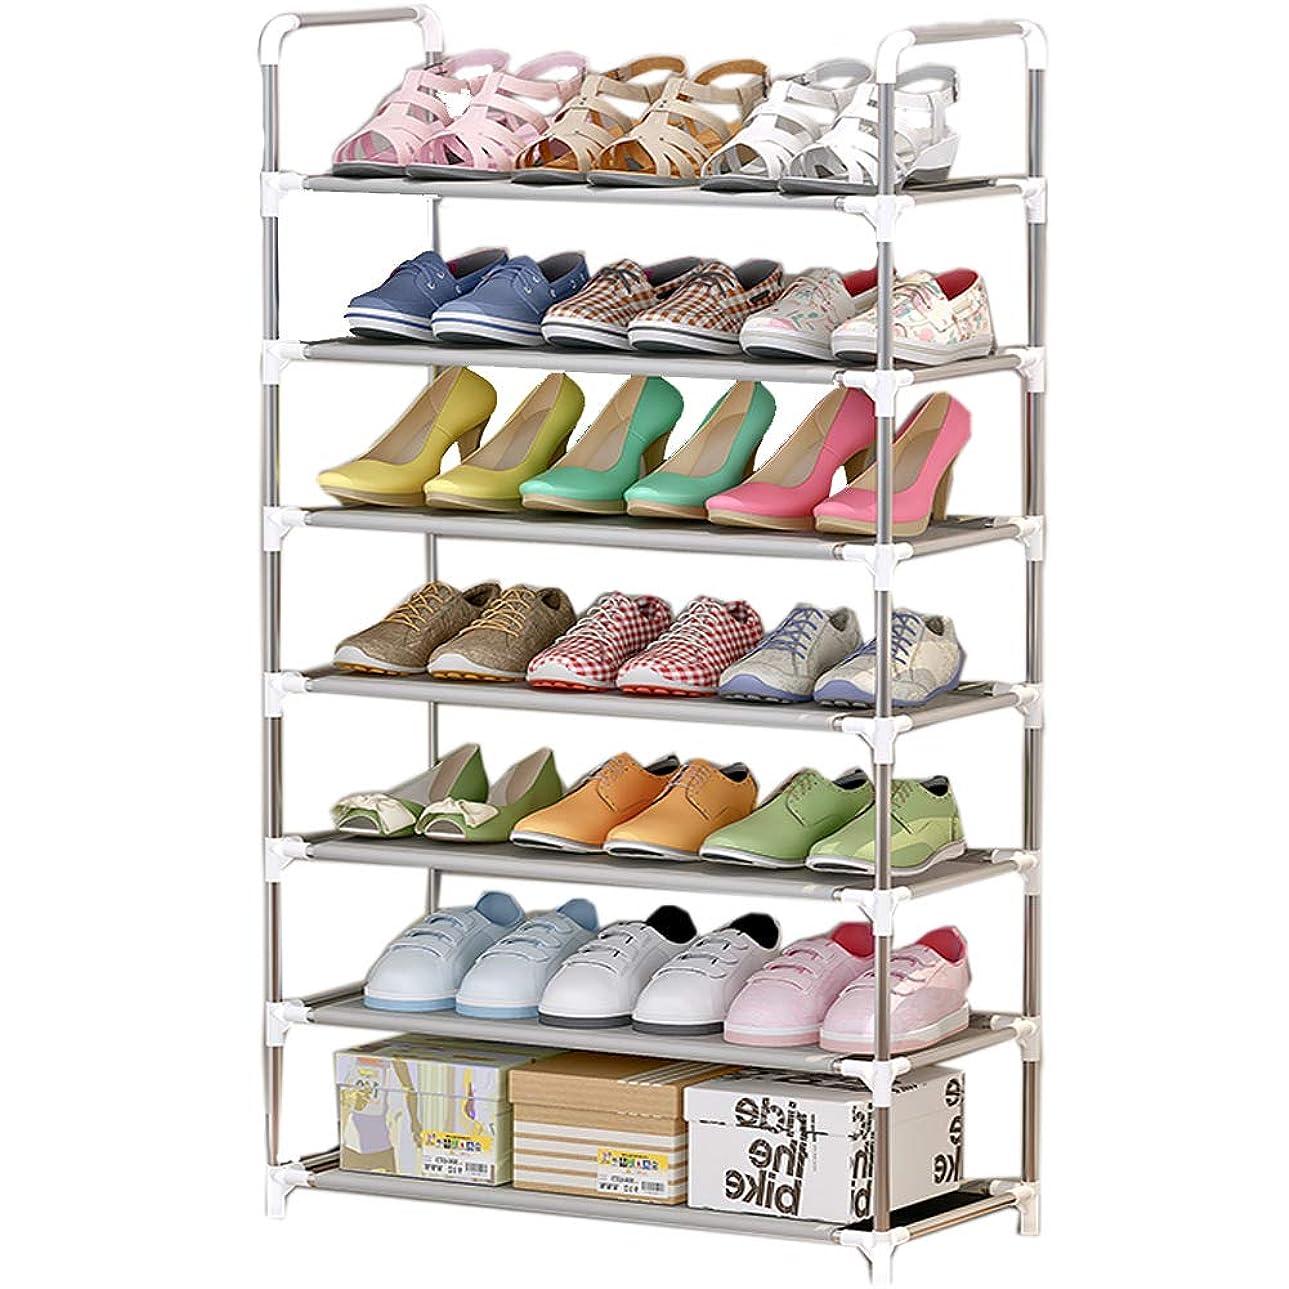 不幸専門首尾一貫したRara Life シューズラック 靴棚 玄関収納 下駄箱 靴箱 靴入れ 3段 4段 5段 6段 7段 (7段)